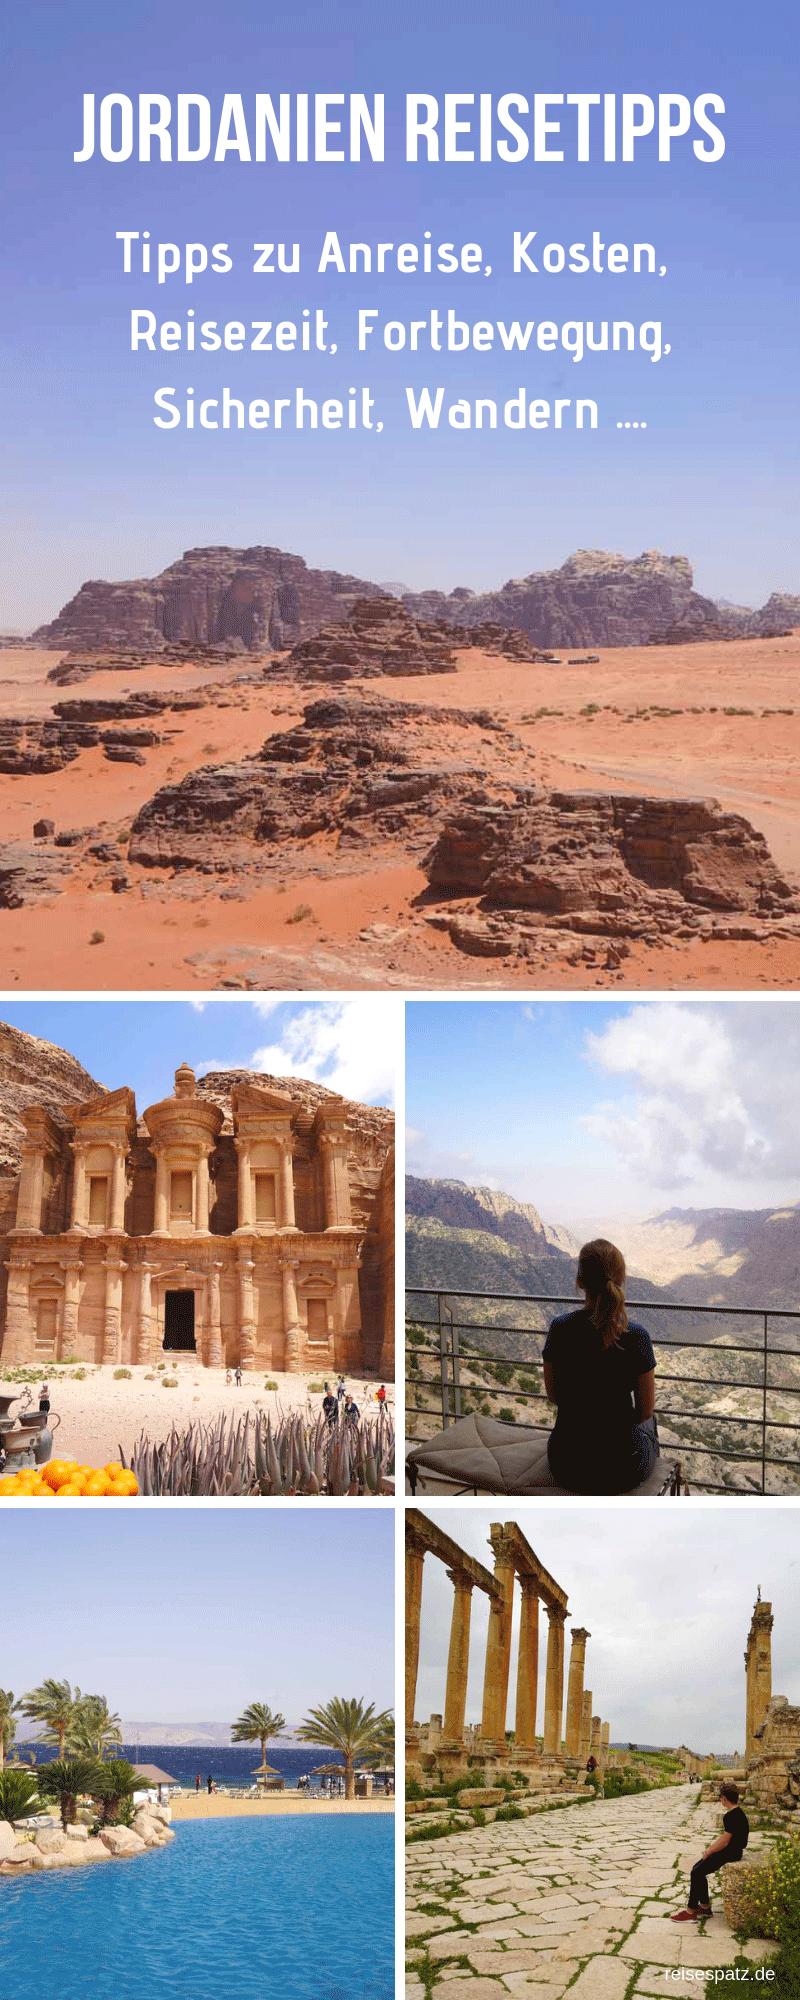 Mit diesen Jordanien Reisetipps gelingt dein Urlaub